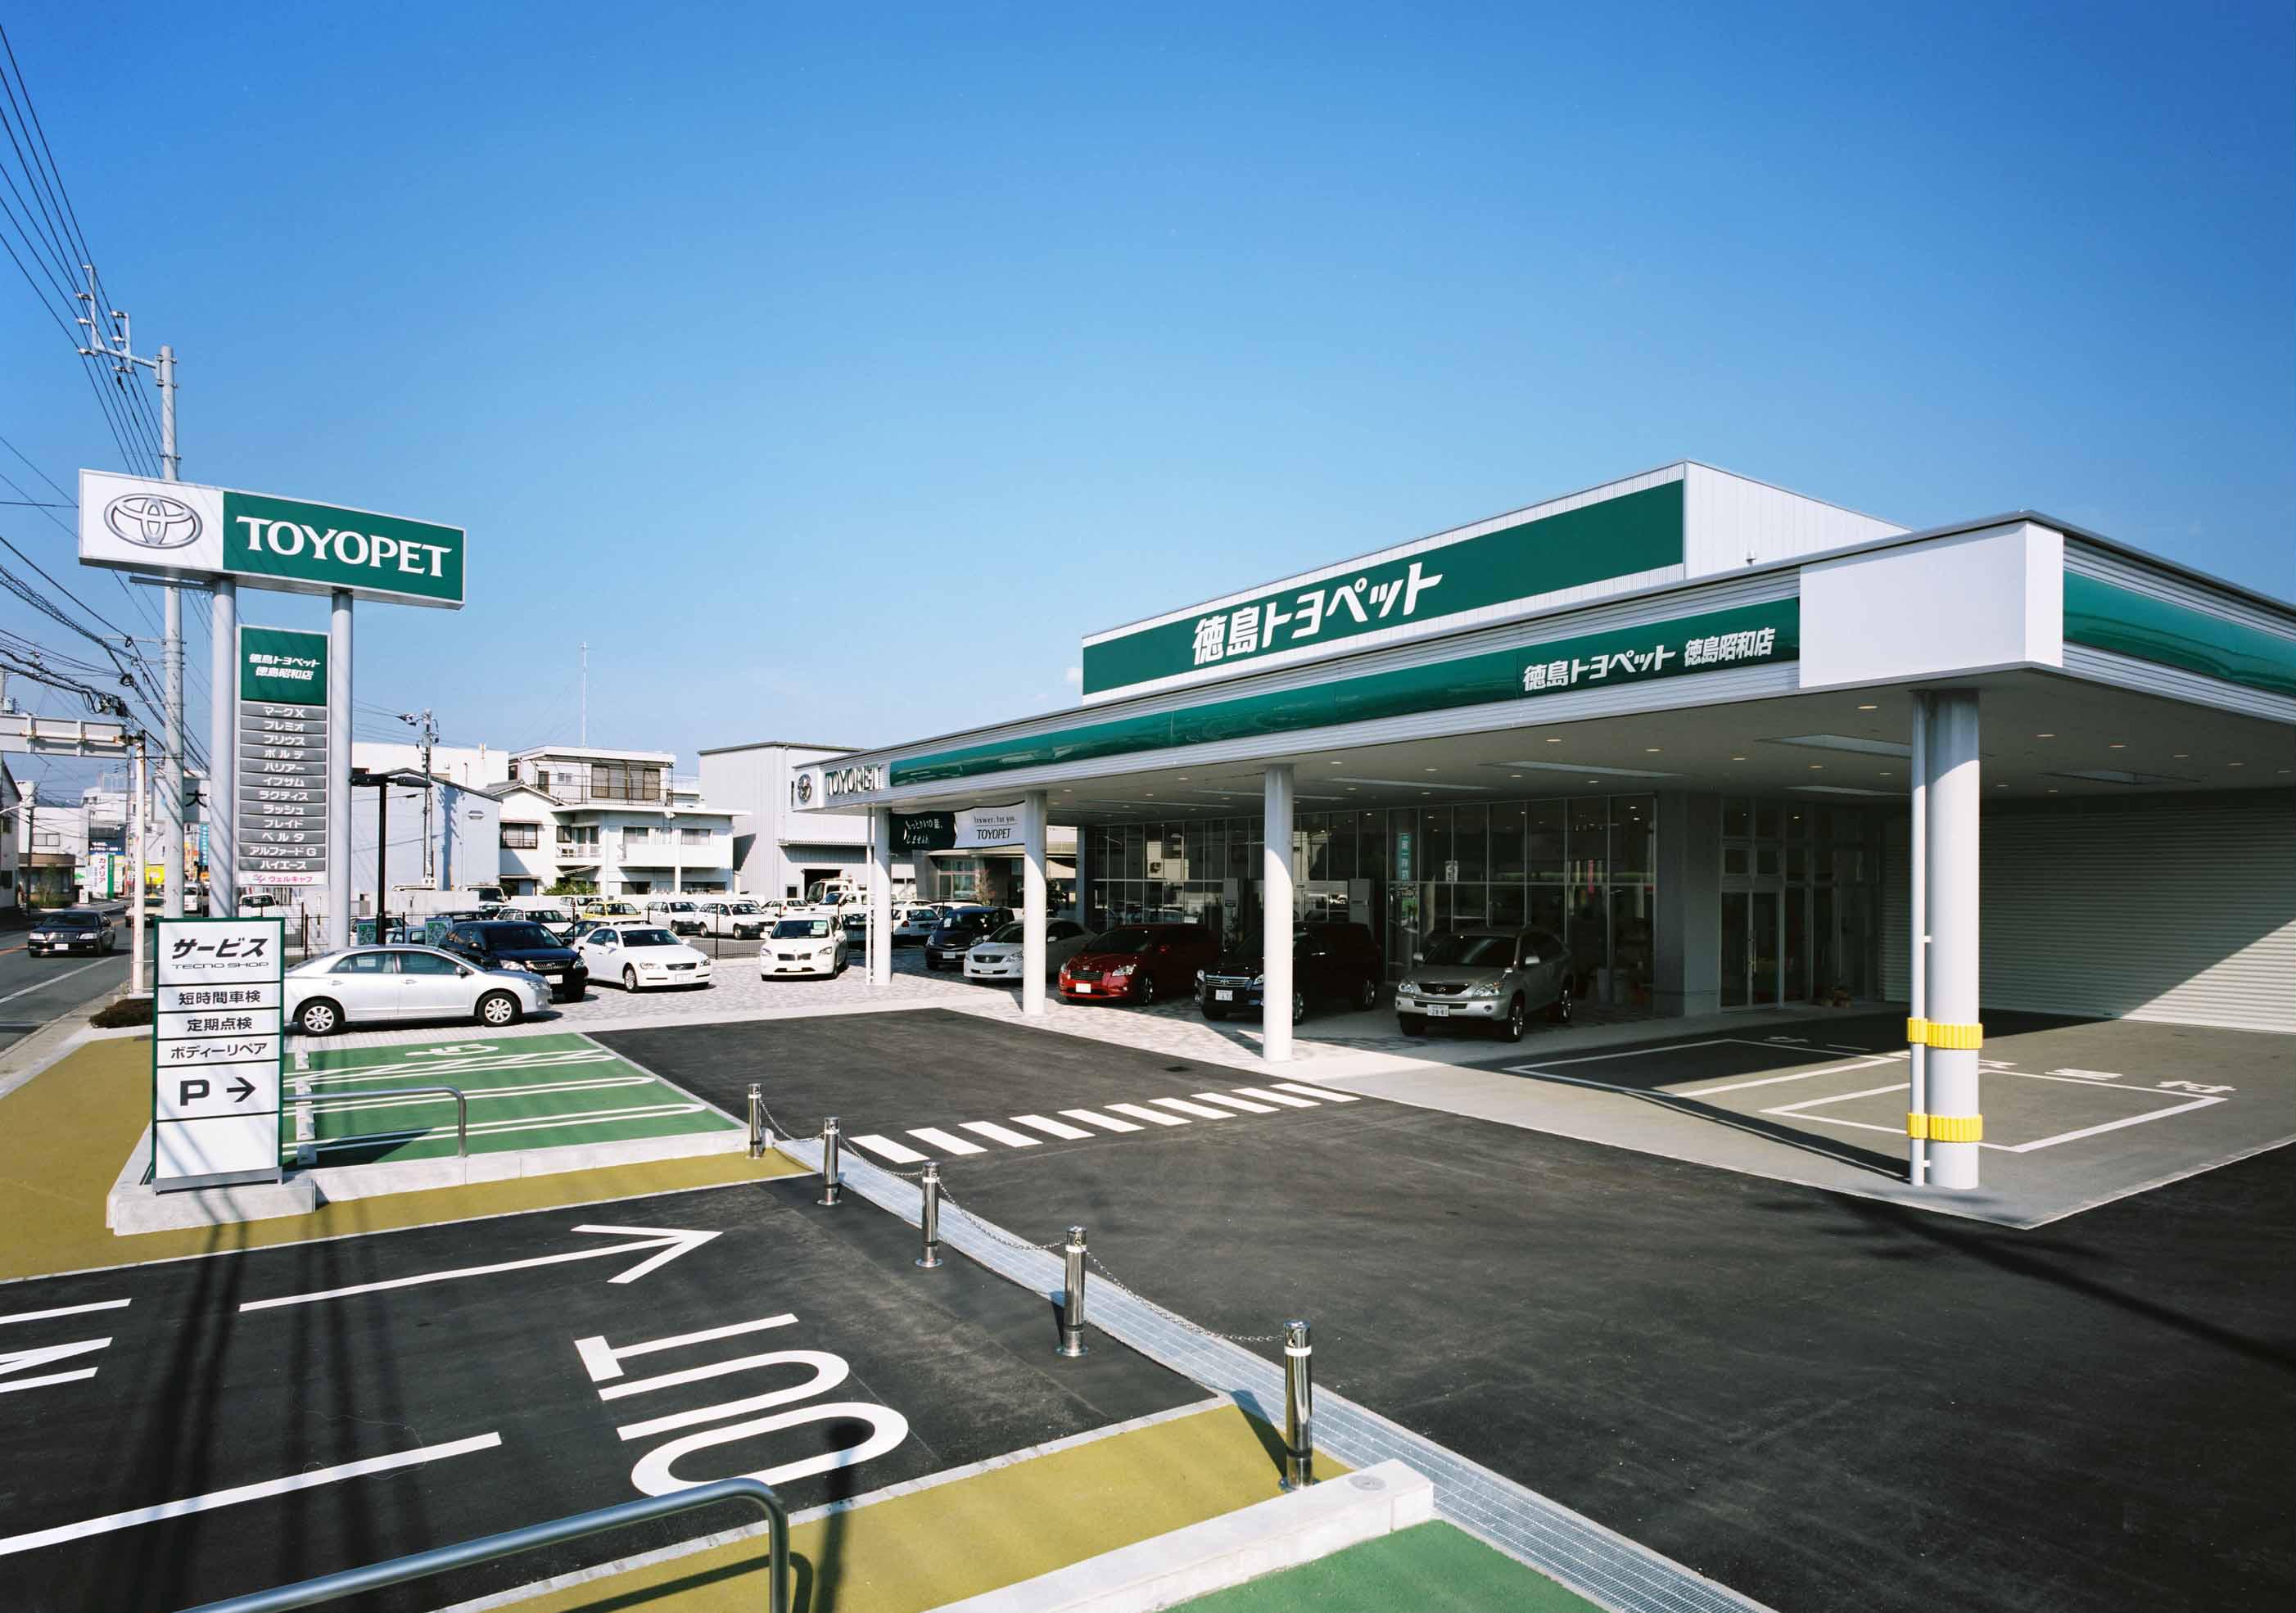 平成20年にリニューアルオープンした本社・徳島昭和店です。とくしまユニバーサルデザインによる街づくり部門賞を受賞いたしました。